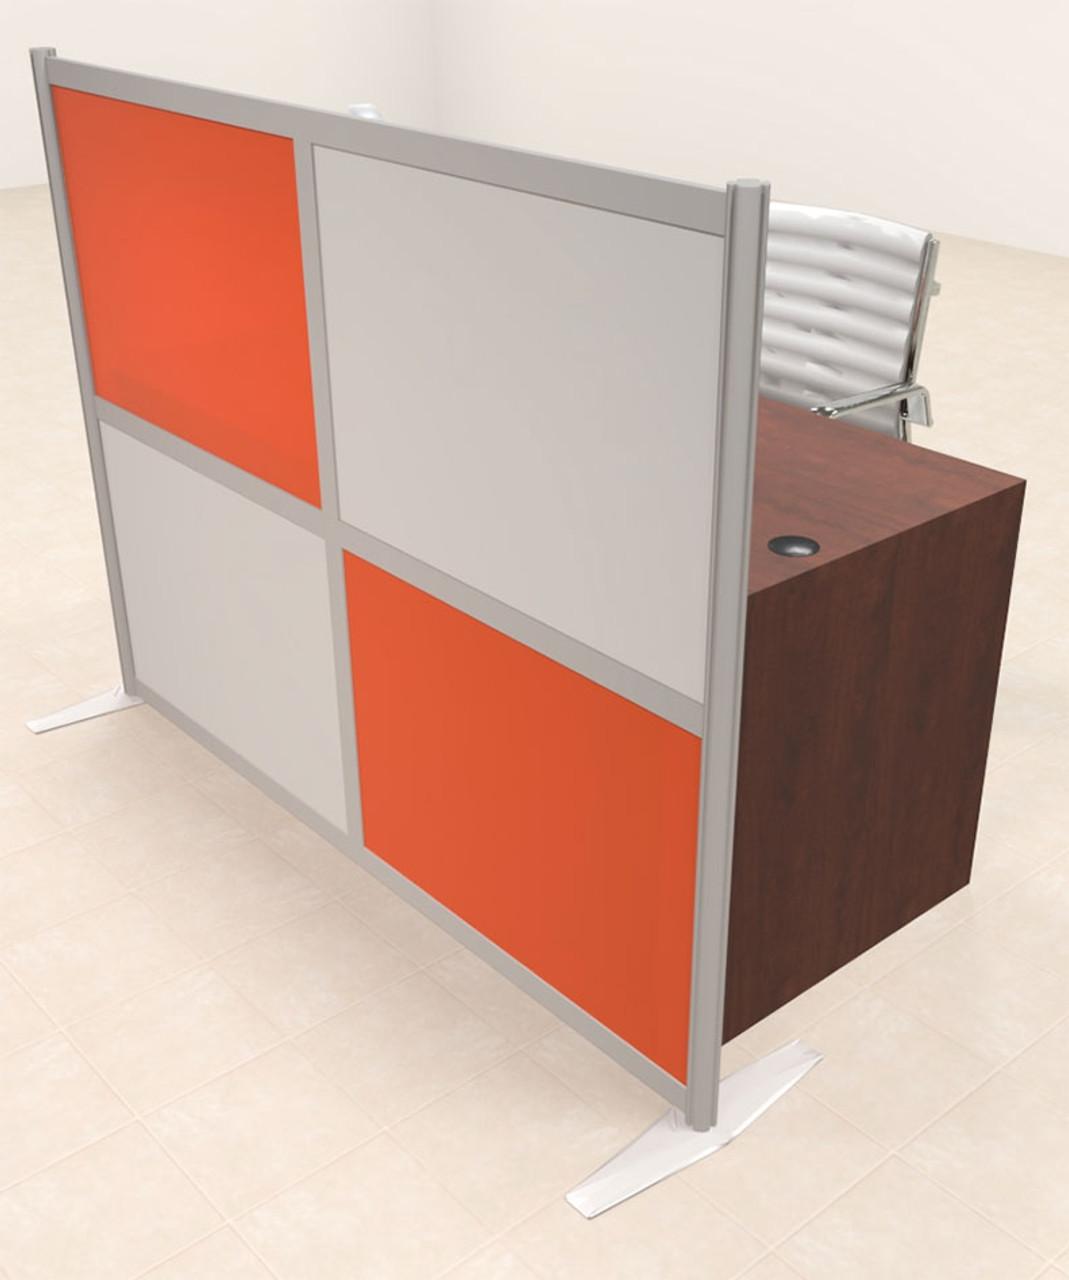 One Person Workstation w/Acrylic Aluminum Privacy Panel, #OT-SUL-HPO98